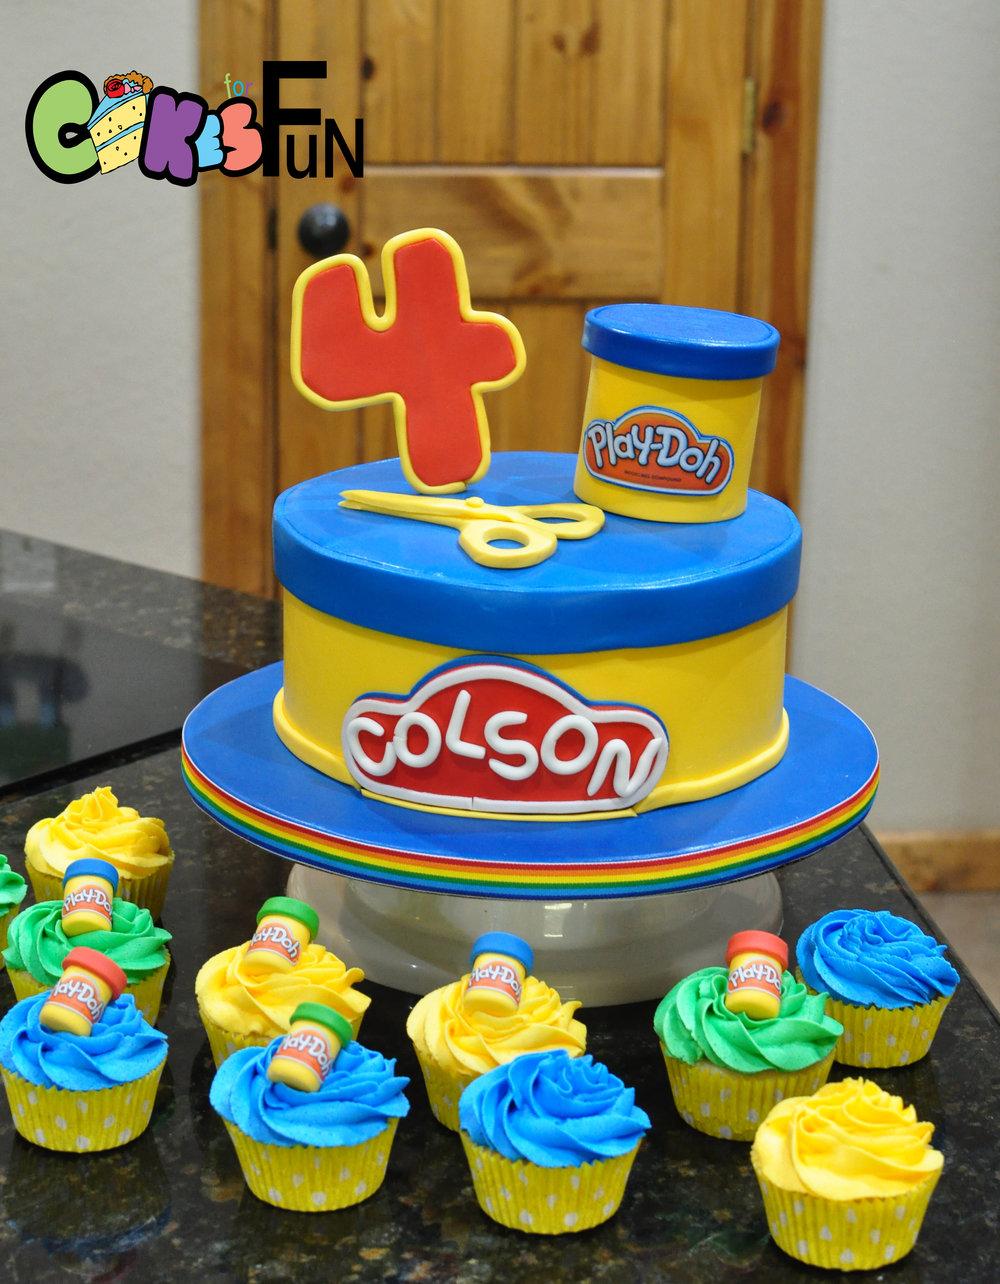 Play-doh cake.jpg